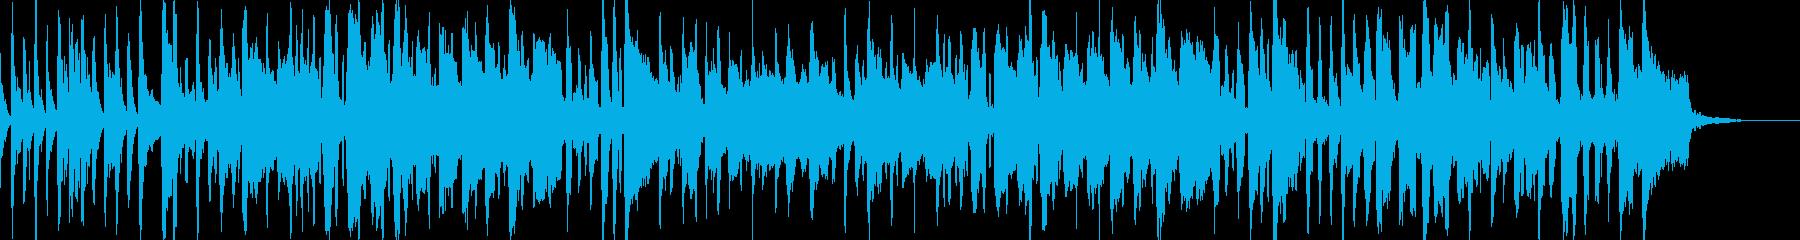 伝承歌「小山の子うさぎ」軽快な祭囃子風の再生済みの波形